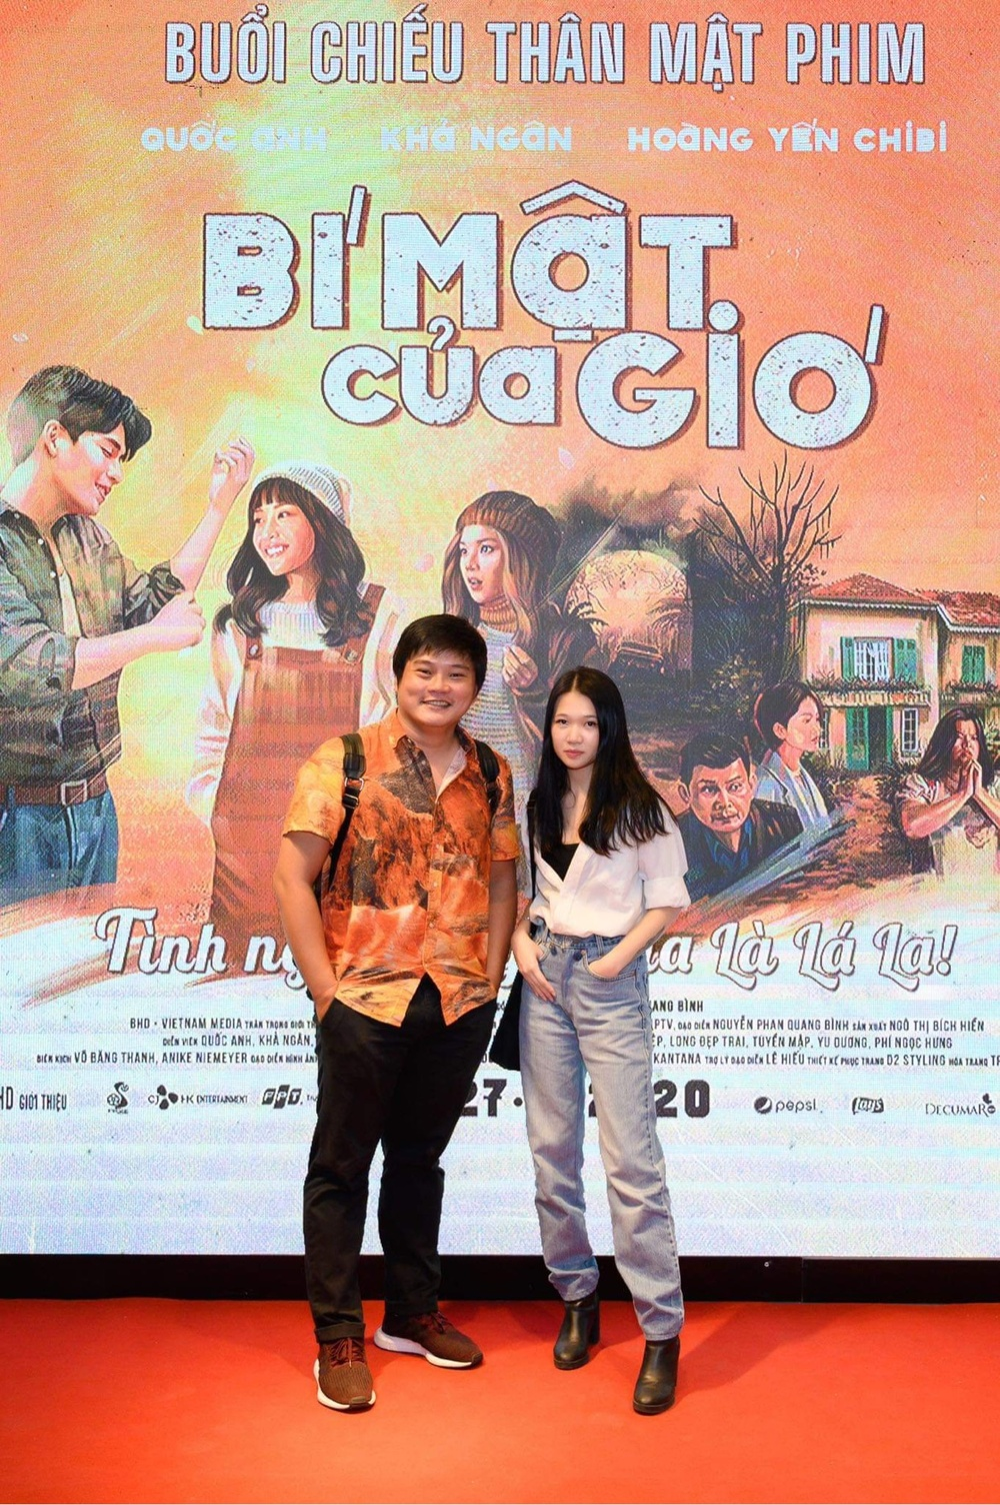 'Bí mật của gió' ra rạp sau 10 tháng hoãn vì COVID-19, sao Việt ngạc nhiên bởi chất lượng phim Ảnh 6